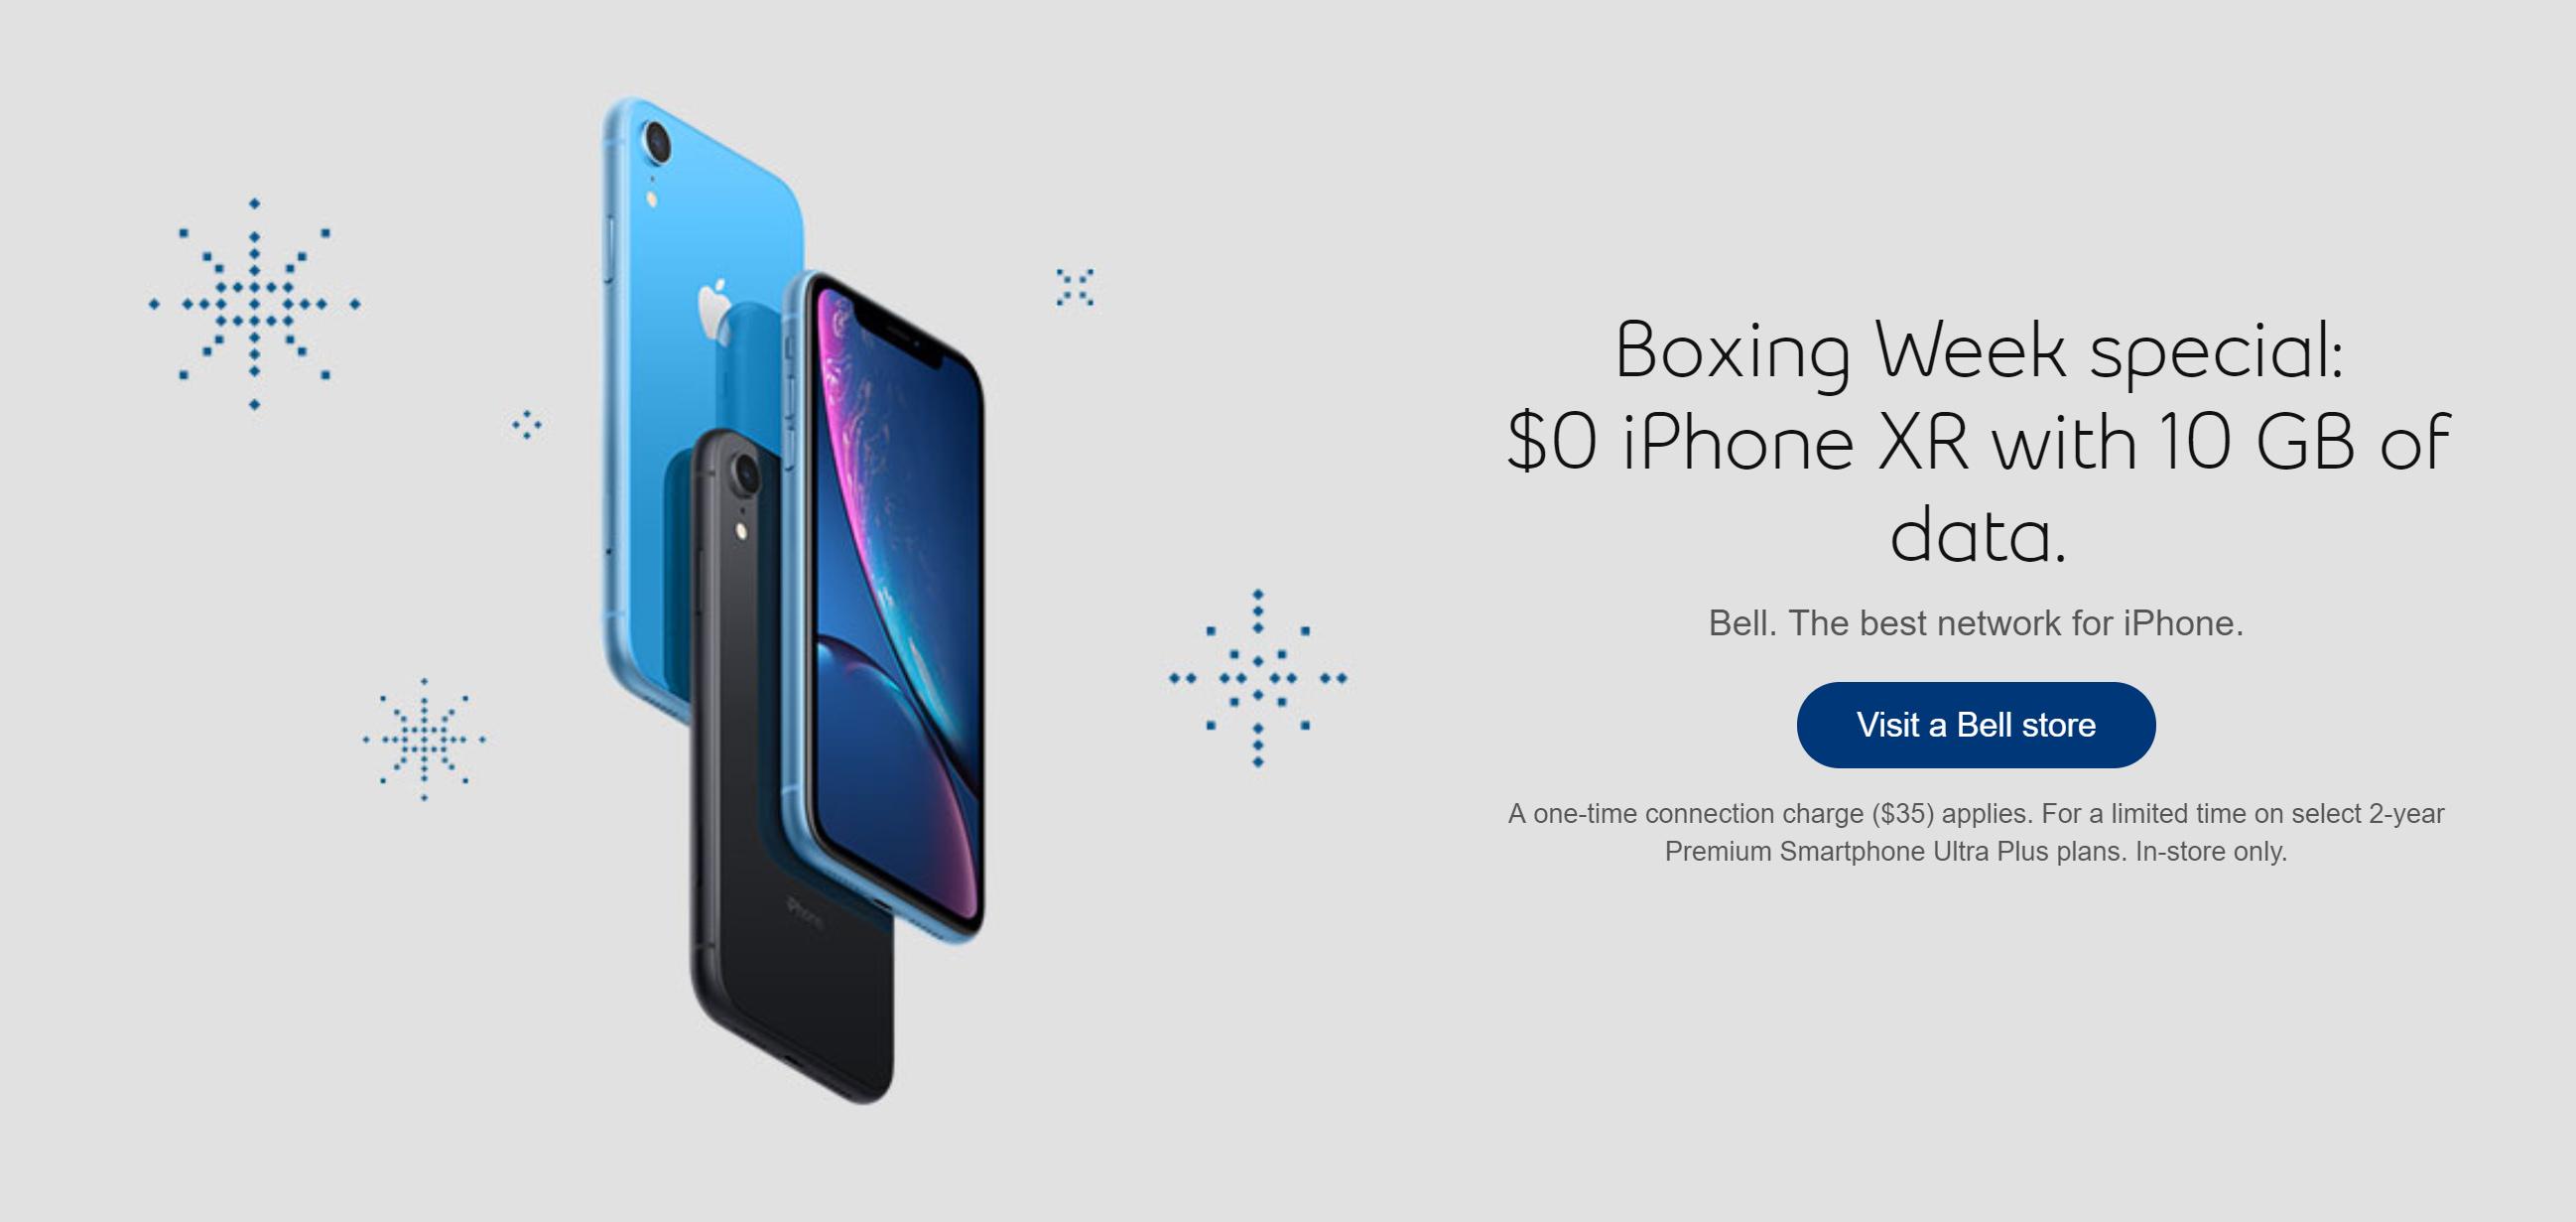 iPhone XR deal Bell